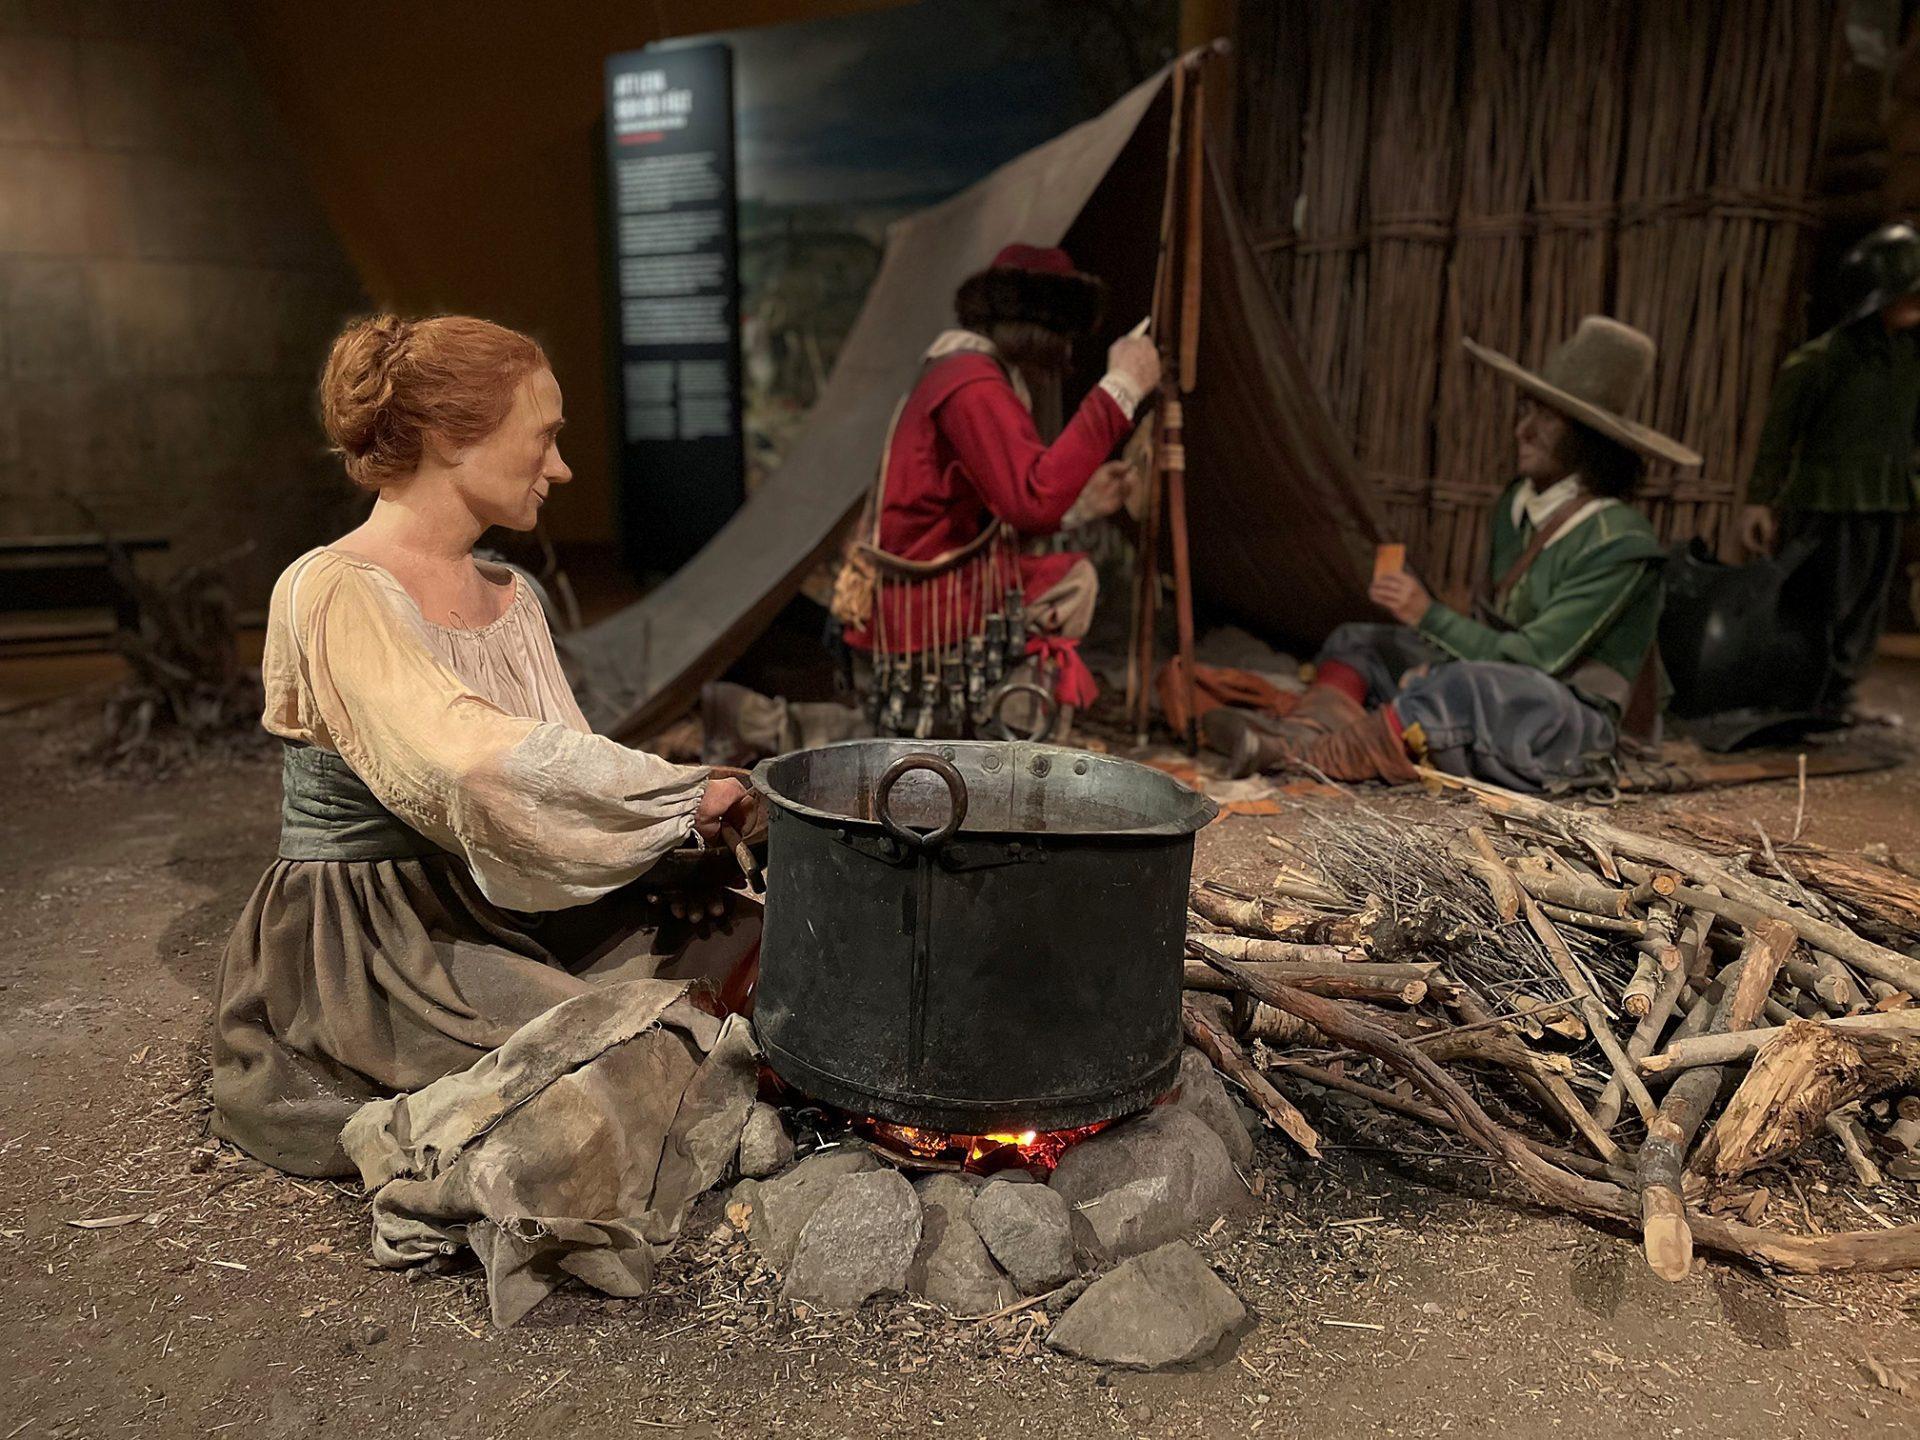 En kvinna som sitter vid en gryta över en öppen eld och två män i bakgrunden.